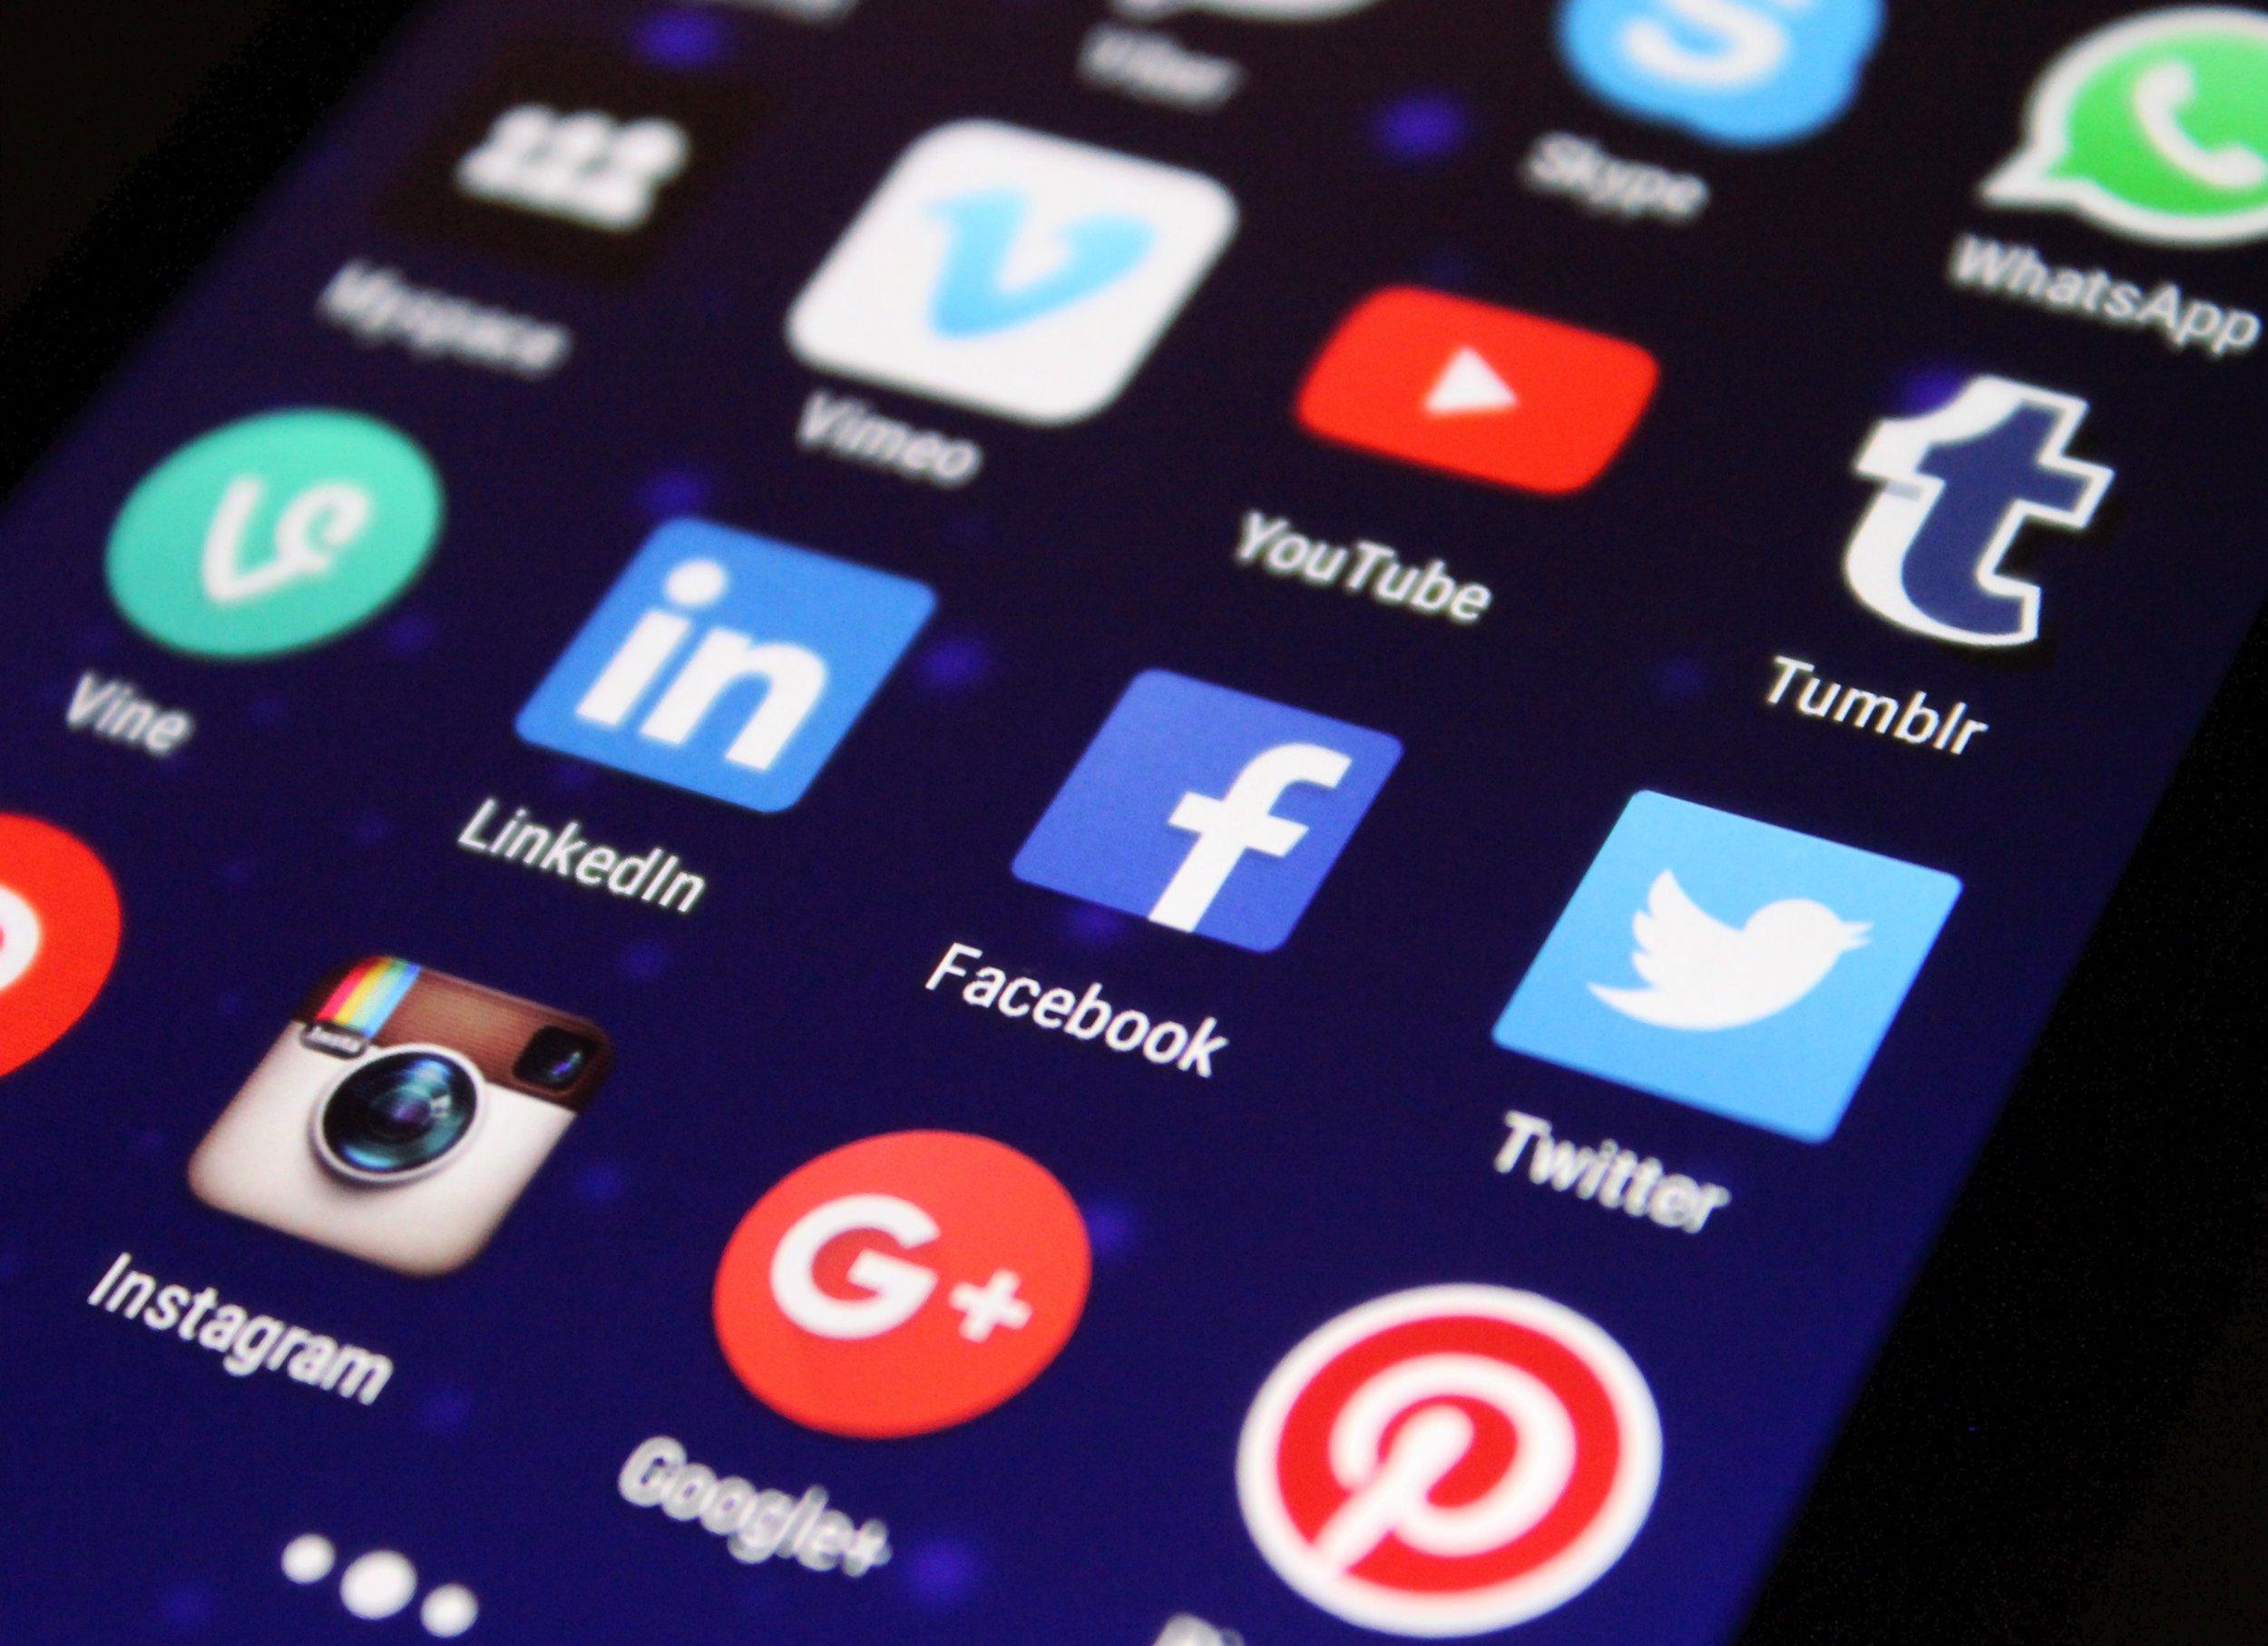 media-social-media-apps-998990.jpg